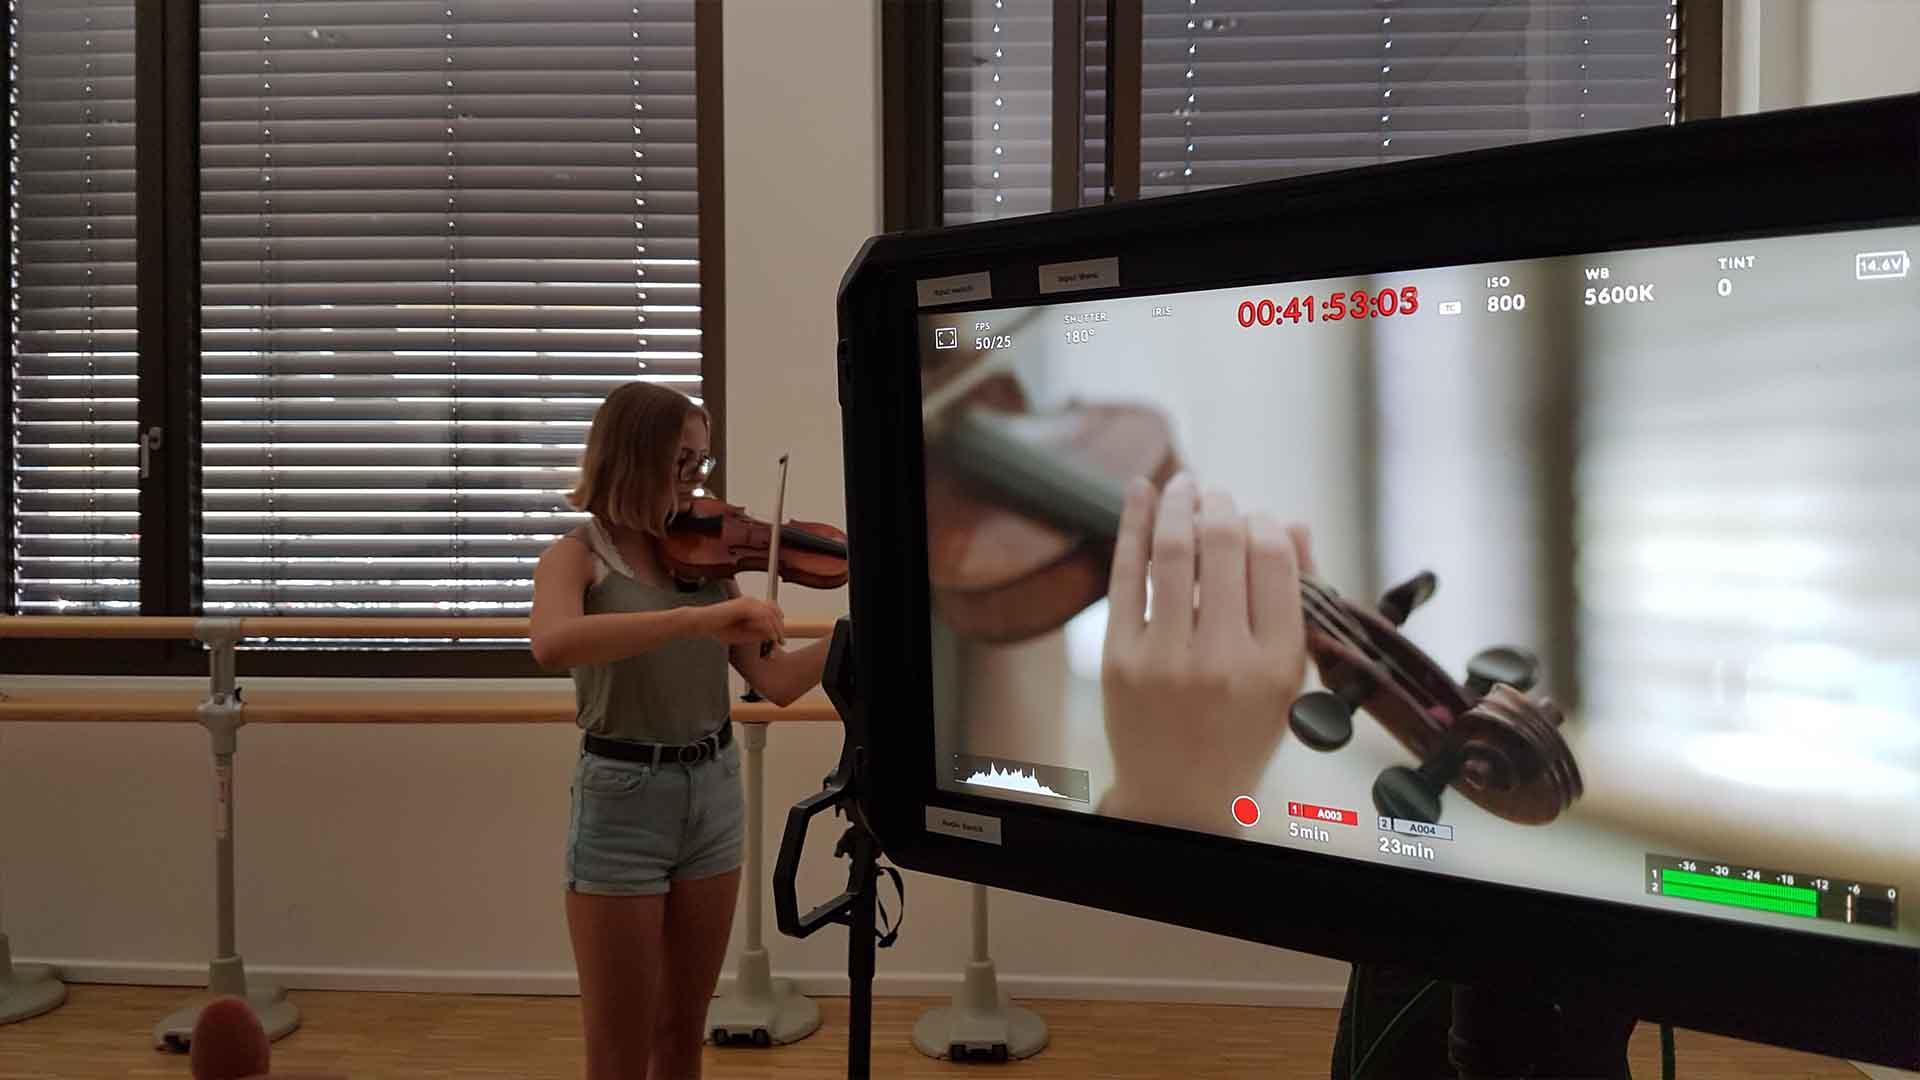 Das Bild zeigt einen Monitor, der mit einer Kamera verbunden ist. Er zeigt das gefilmte. eine Geige. Hinter dem Monitor sieht man die zugehörige Geigerin. Das Bild dient als Sliderbild für den Portfolioeintrag Bayerischer Volkshochschulverband von Panda Pictures.